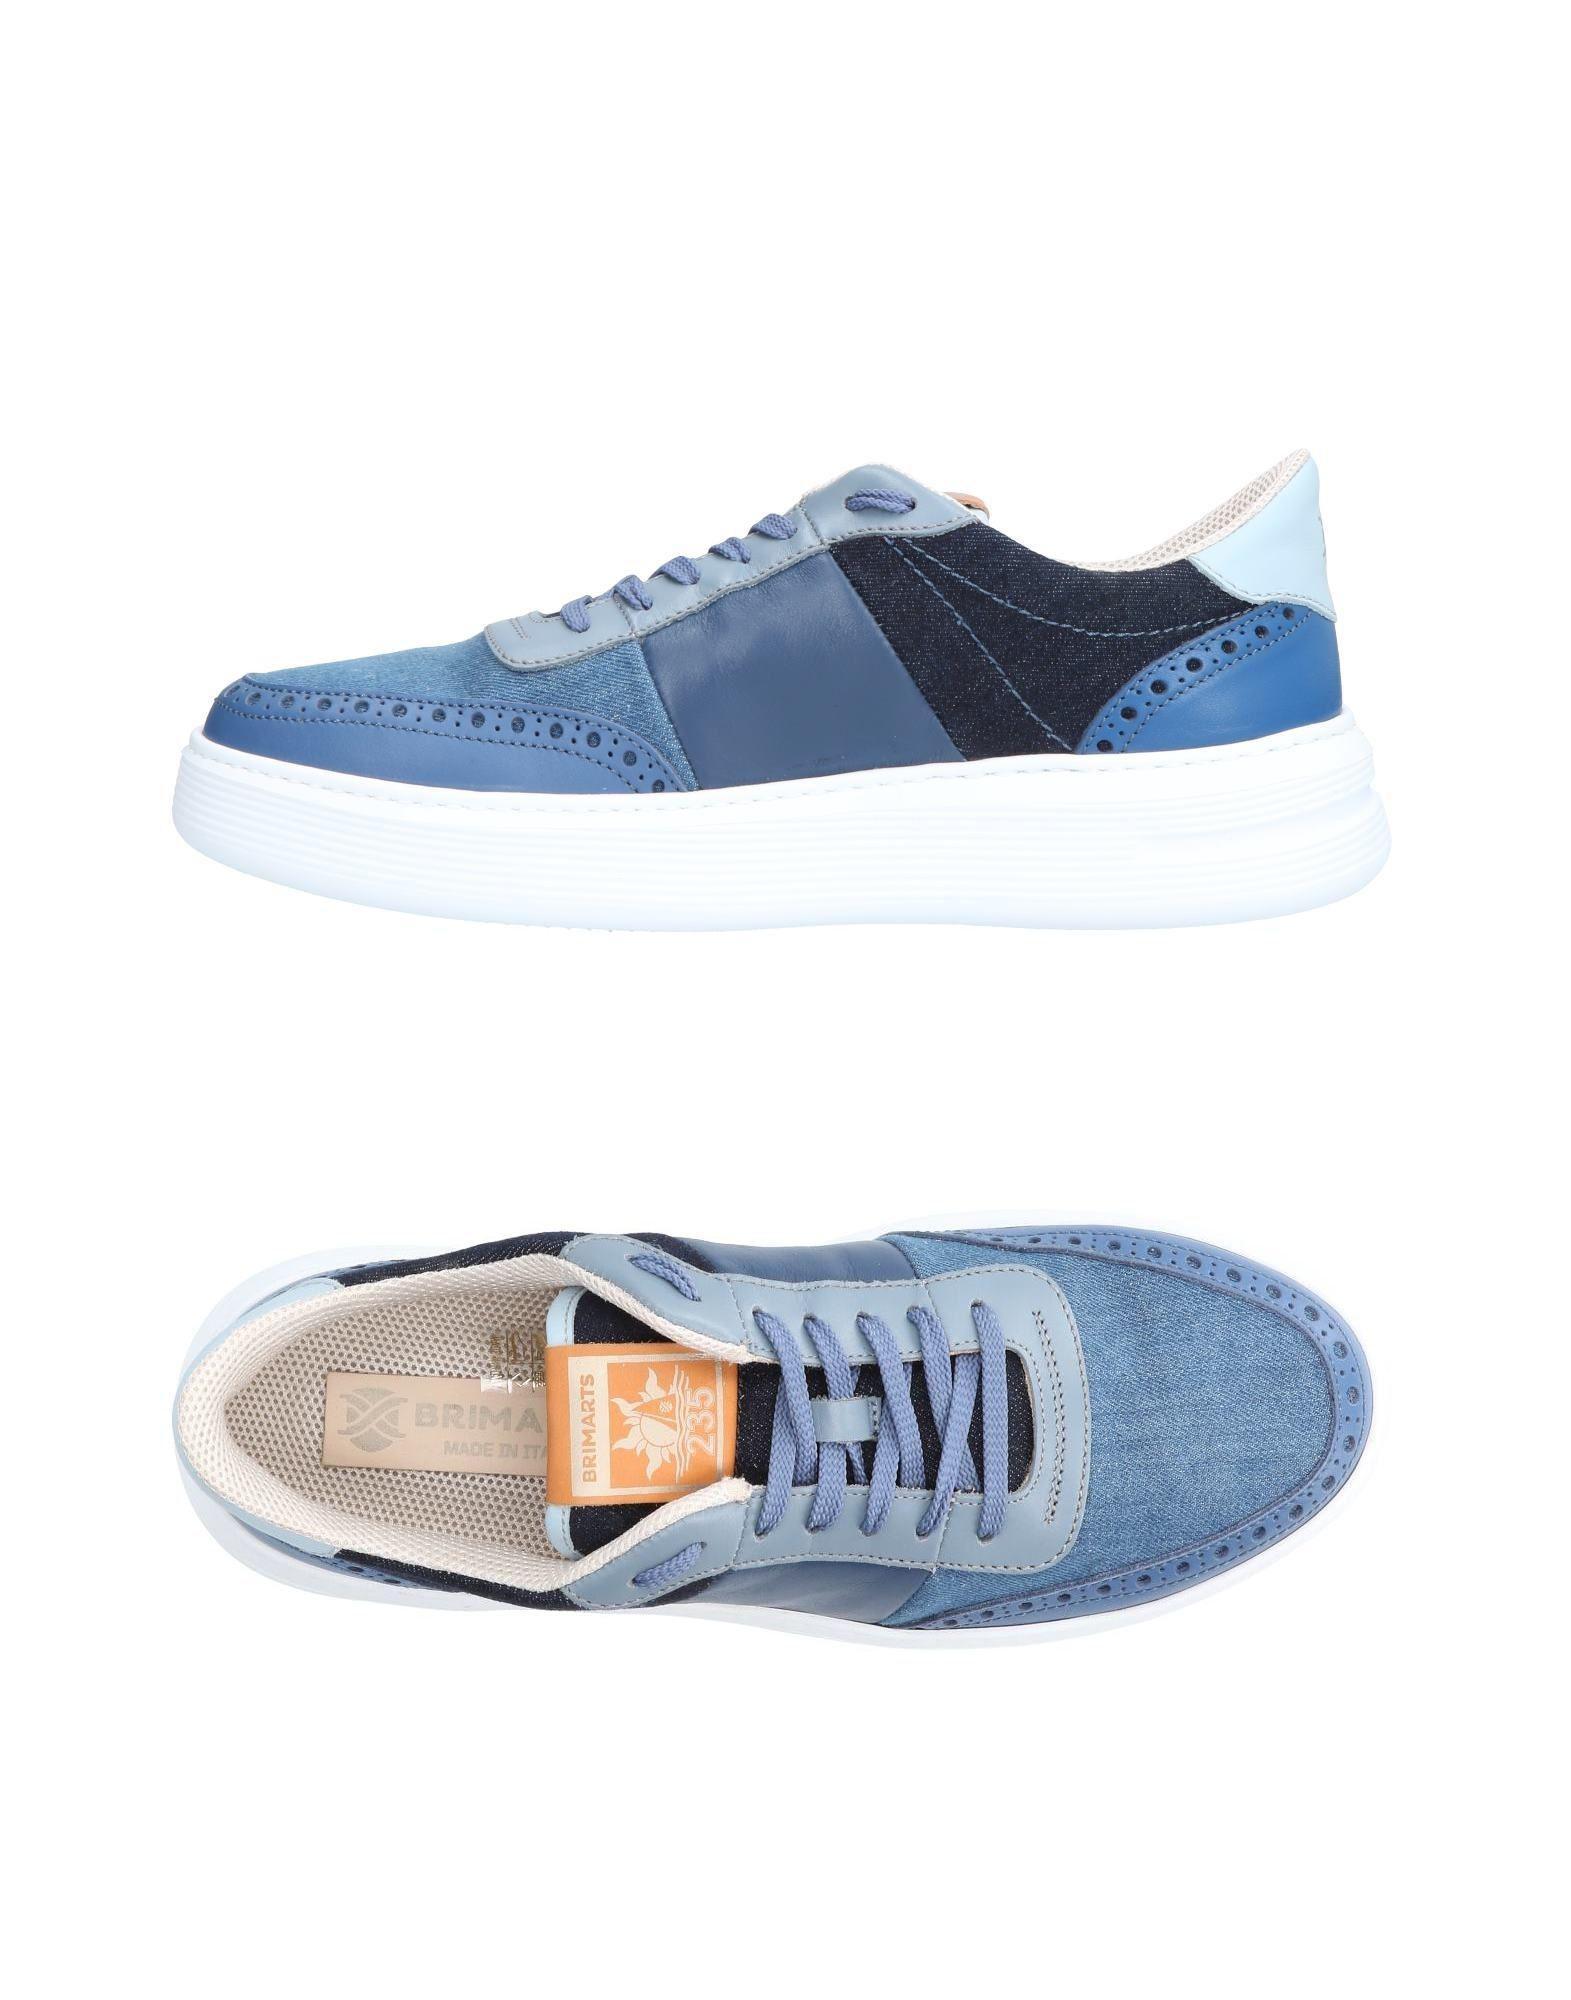 FOOTWEAR - Low-tops & sneakers Brimarts BK7v9tQRZ